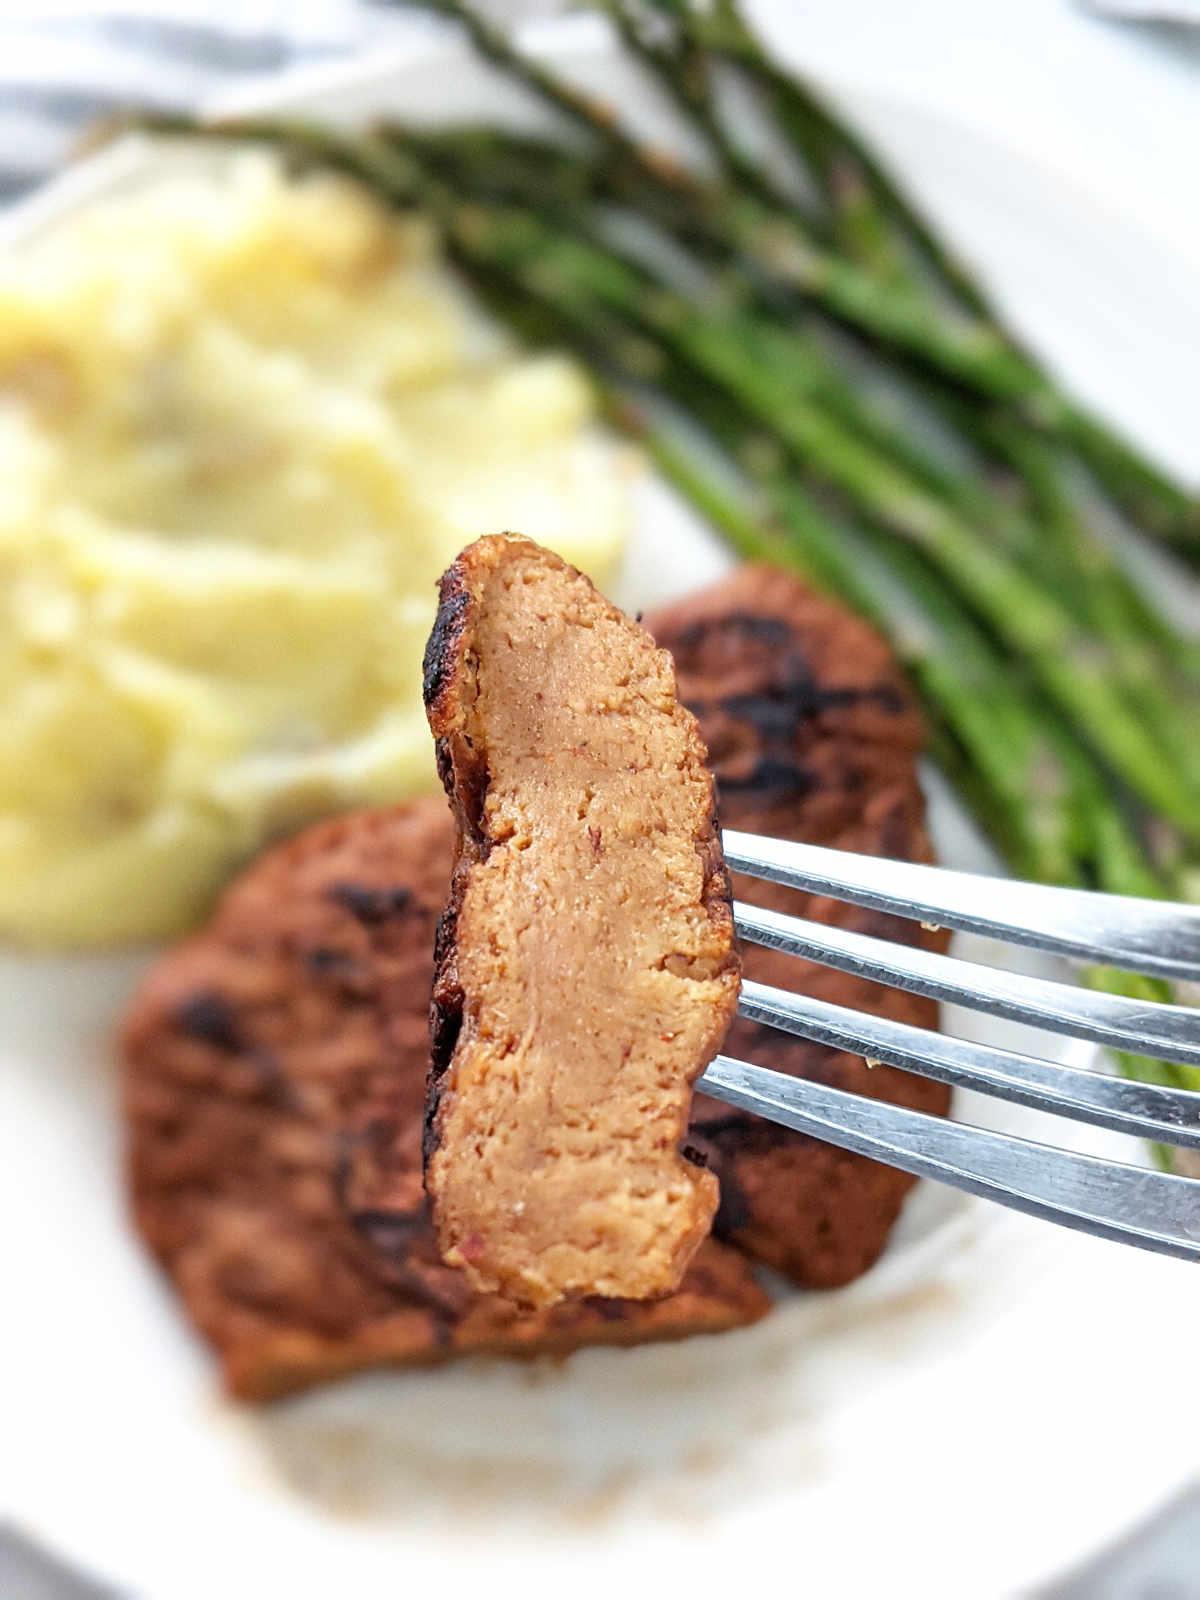 Up close of fork holding a slice of vegan steak